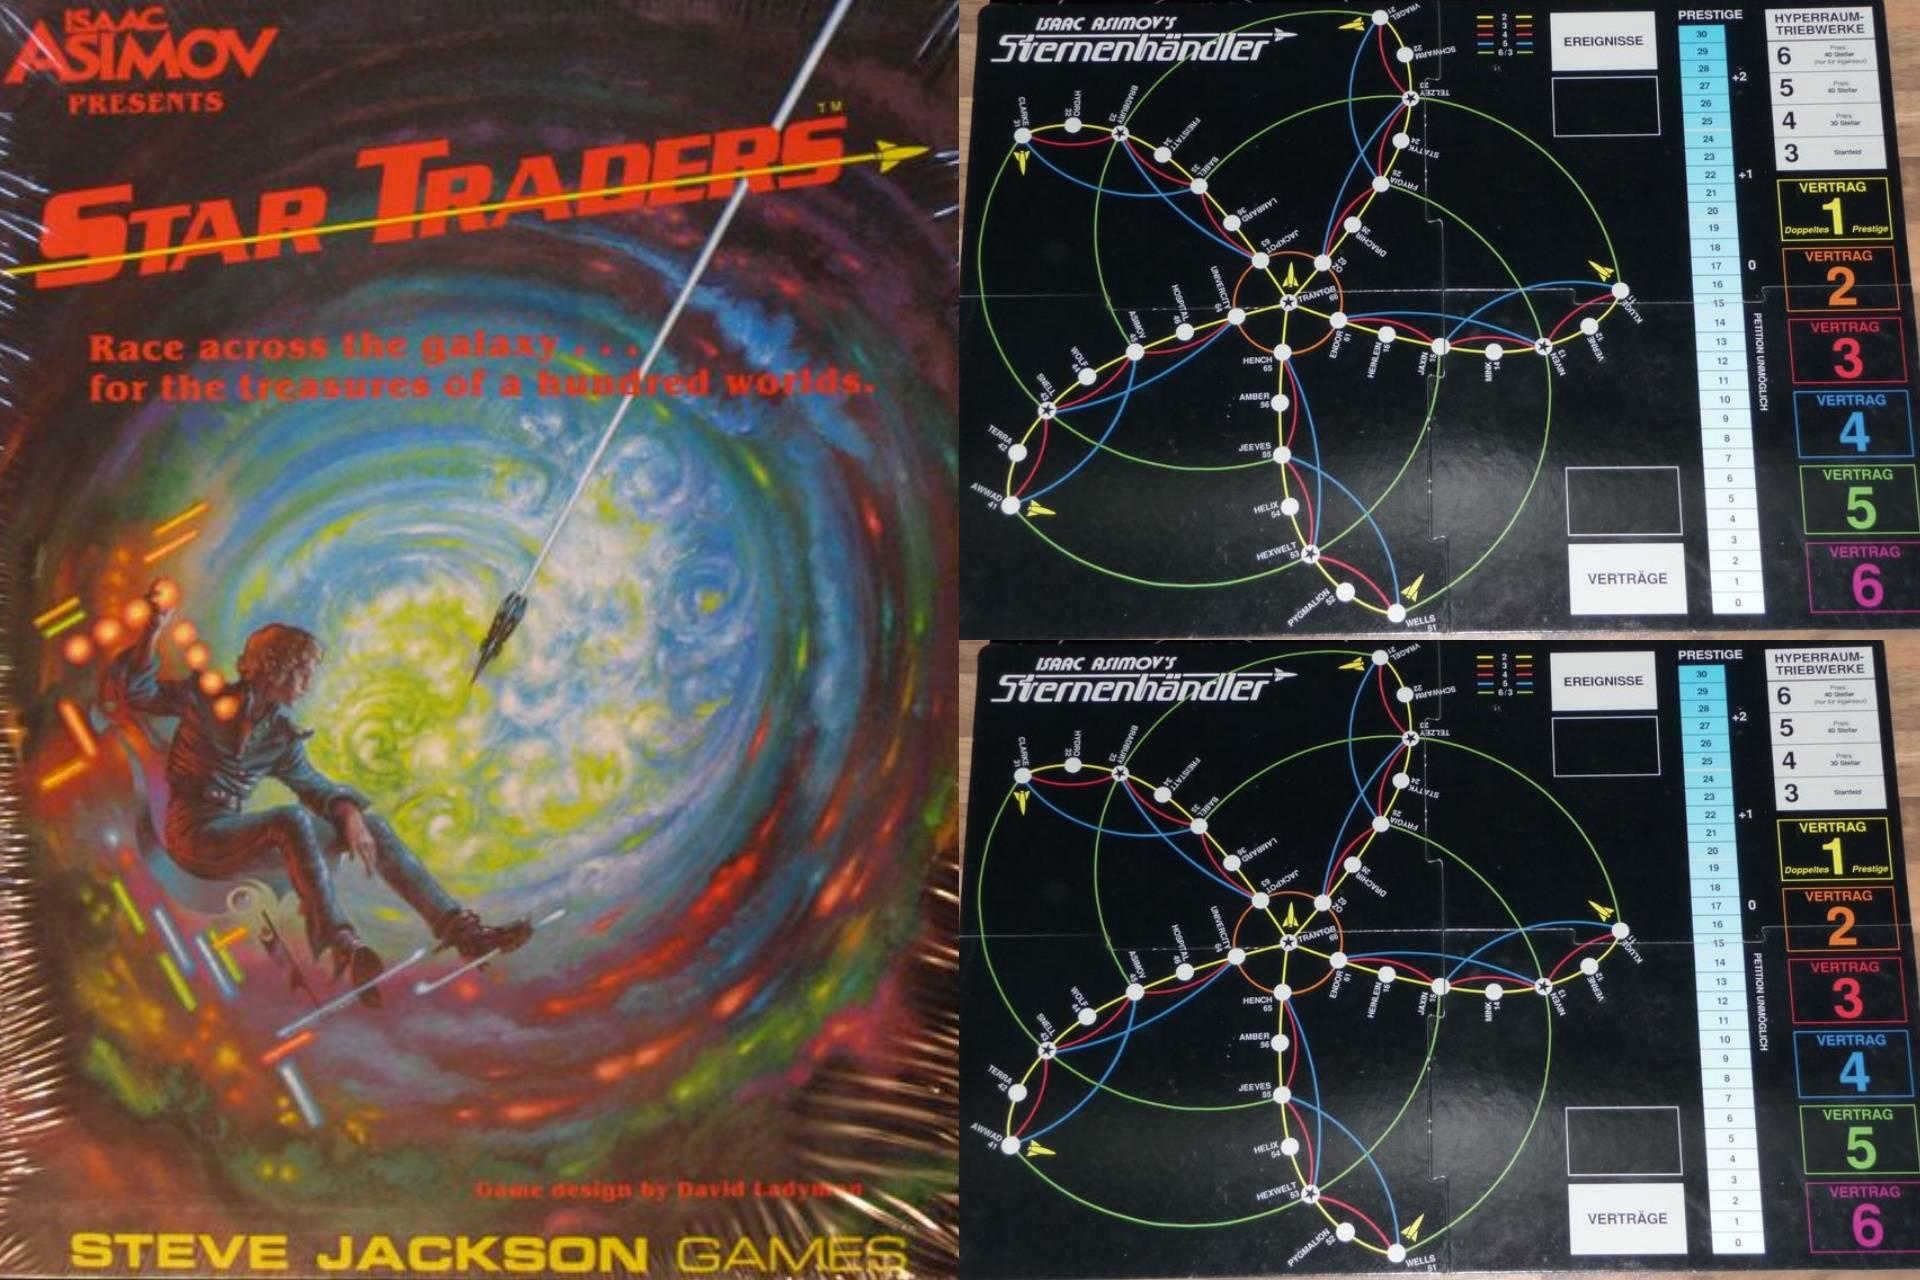 Isaac Asimov Presents Star Traders